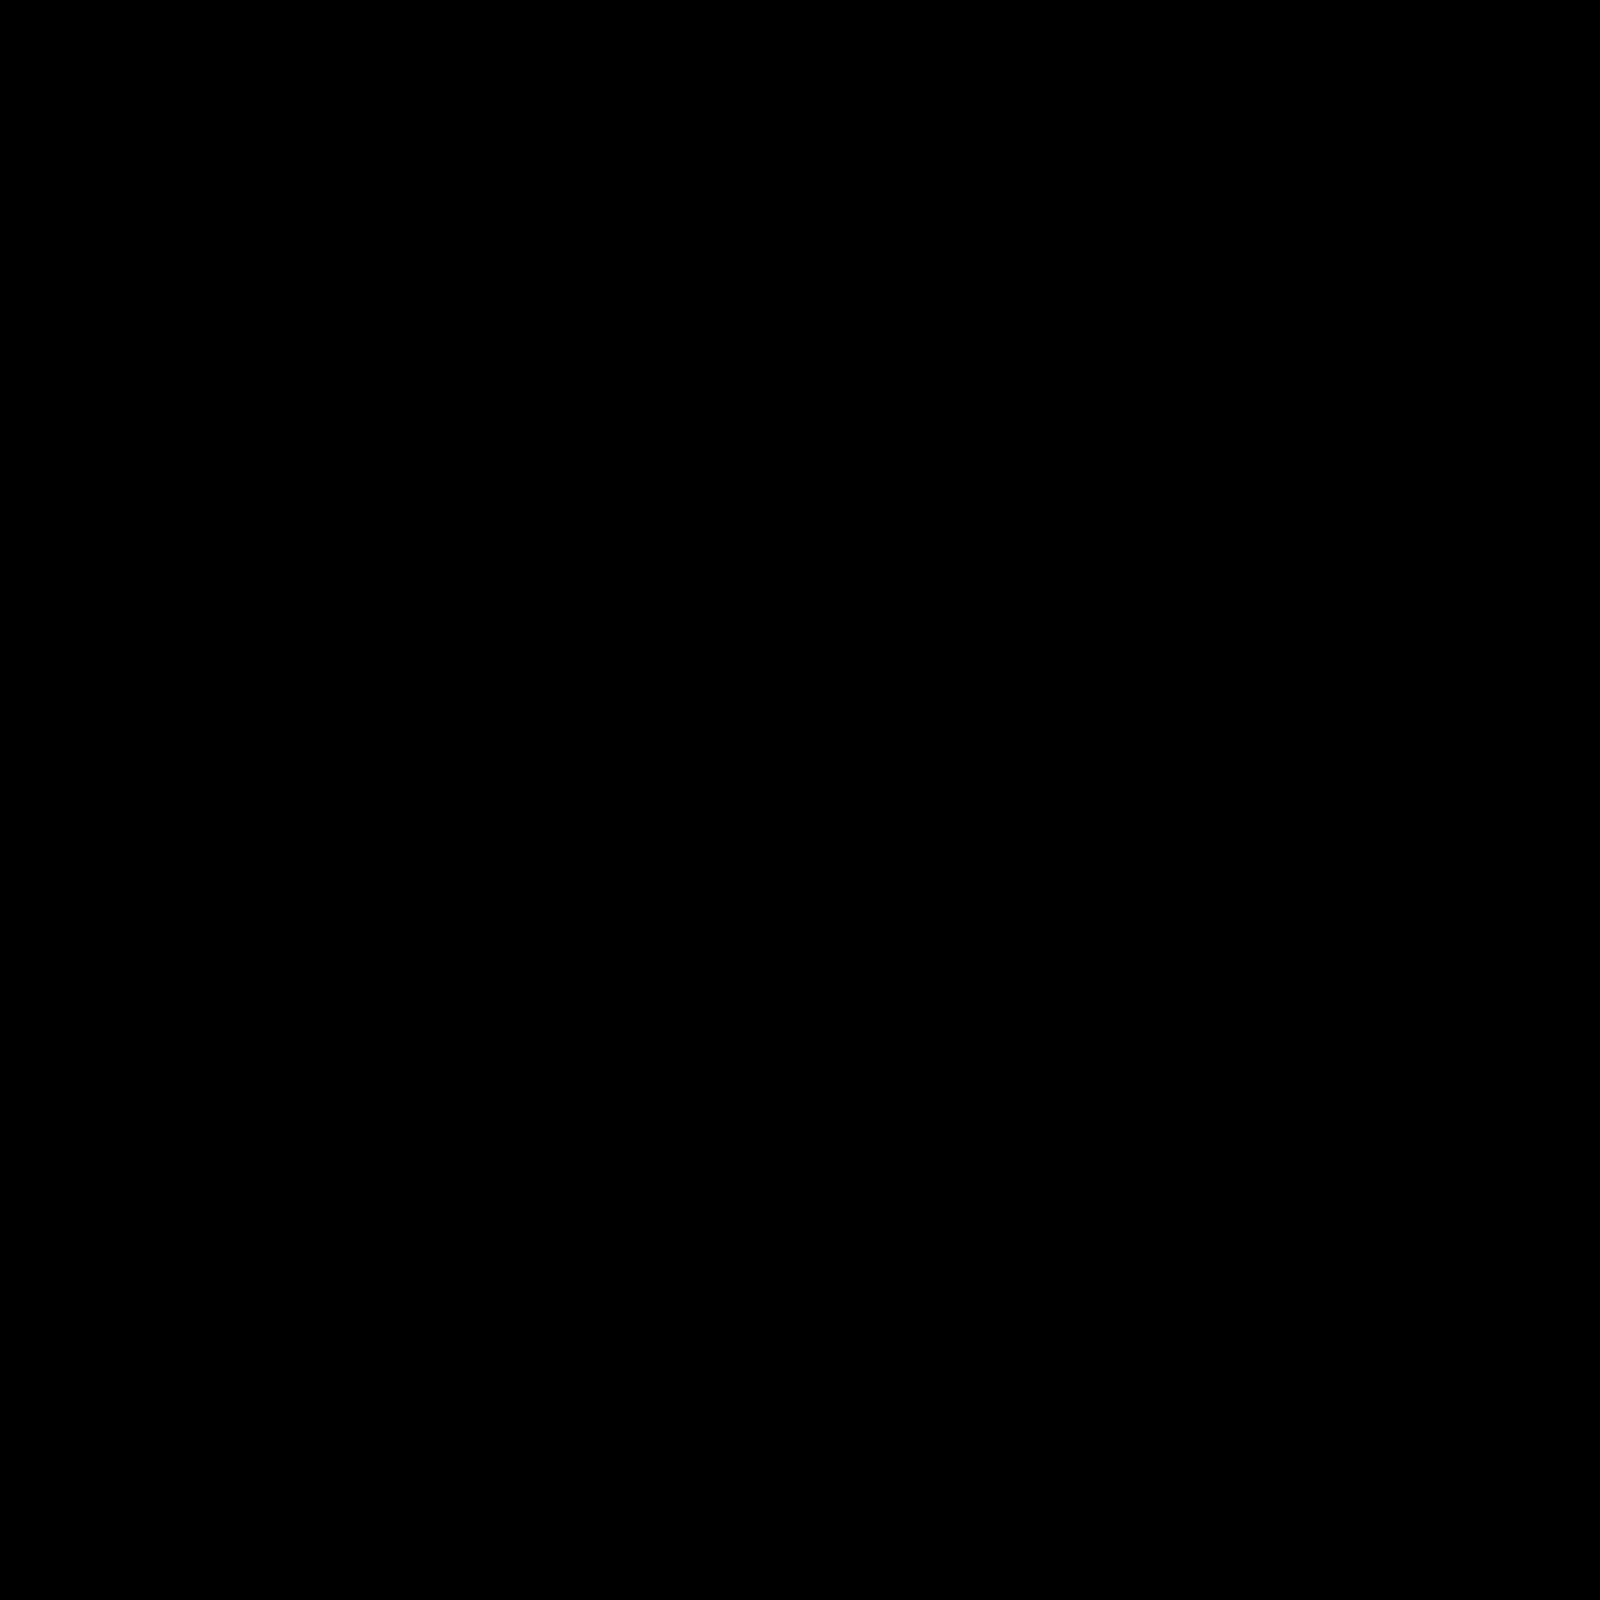 Globalna lokalizacja icon